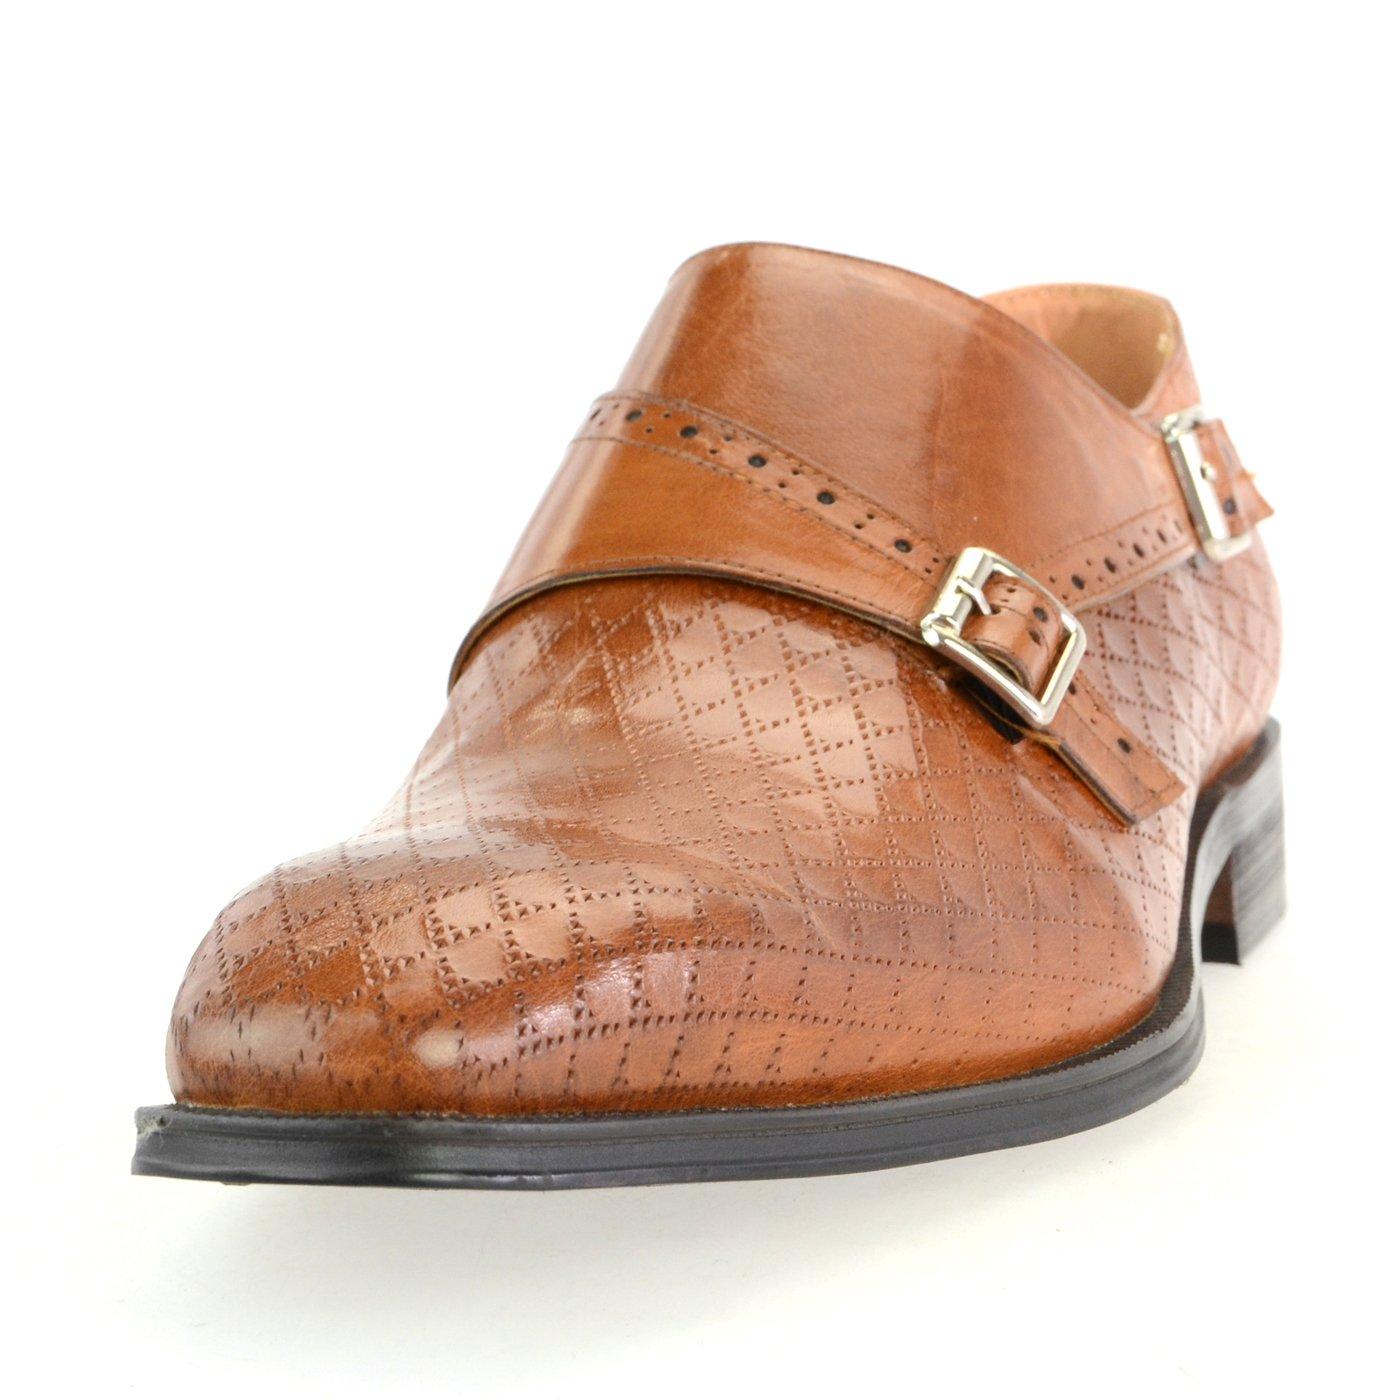 [ルシウス] LUCIUS 本革 20種類から選ぶ レザー メンズ ダブル モンクストラップ メダリオン ストレートチップ 革靴 紳士靴 B076DNSRL2 26.5 cm 3E HA17480-4 ブラウン HA17480-4 ブラウン 26.5 cm 3E